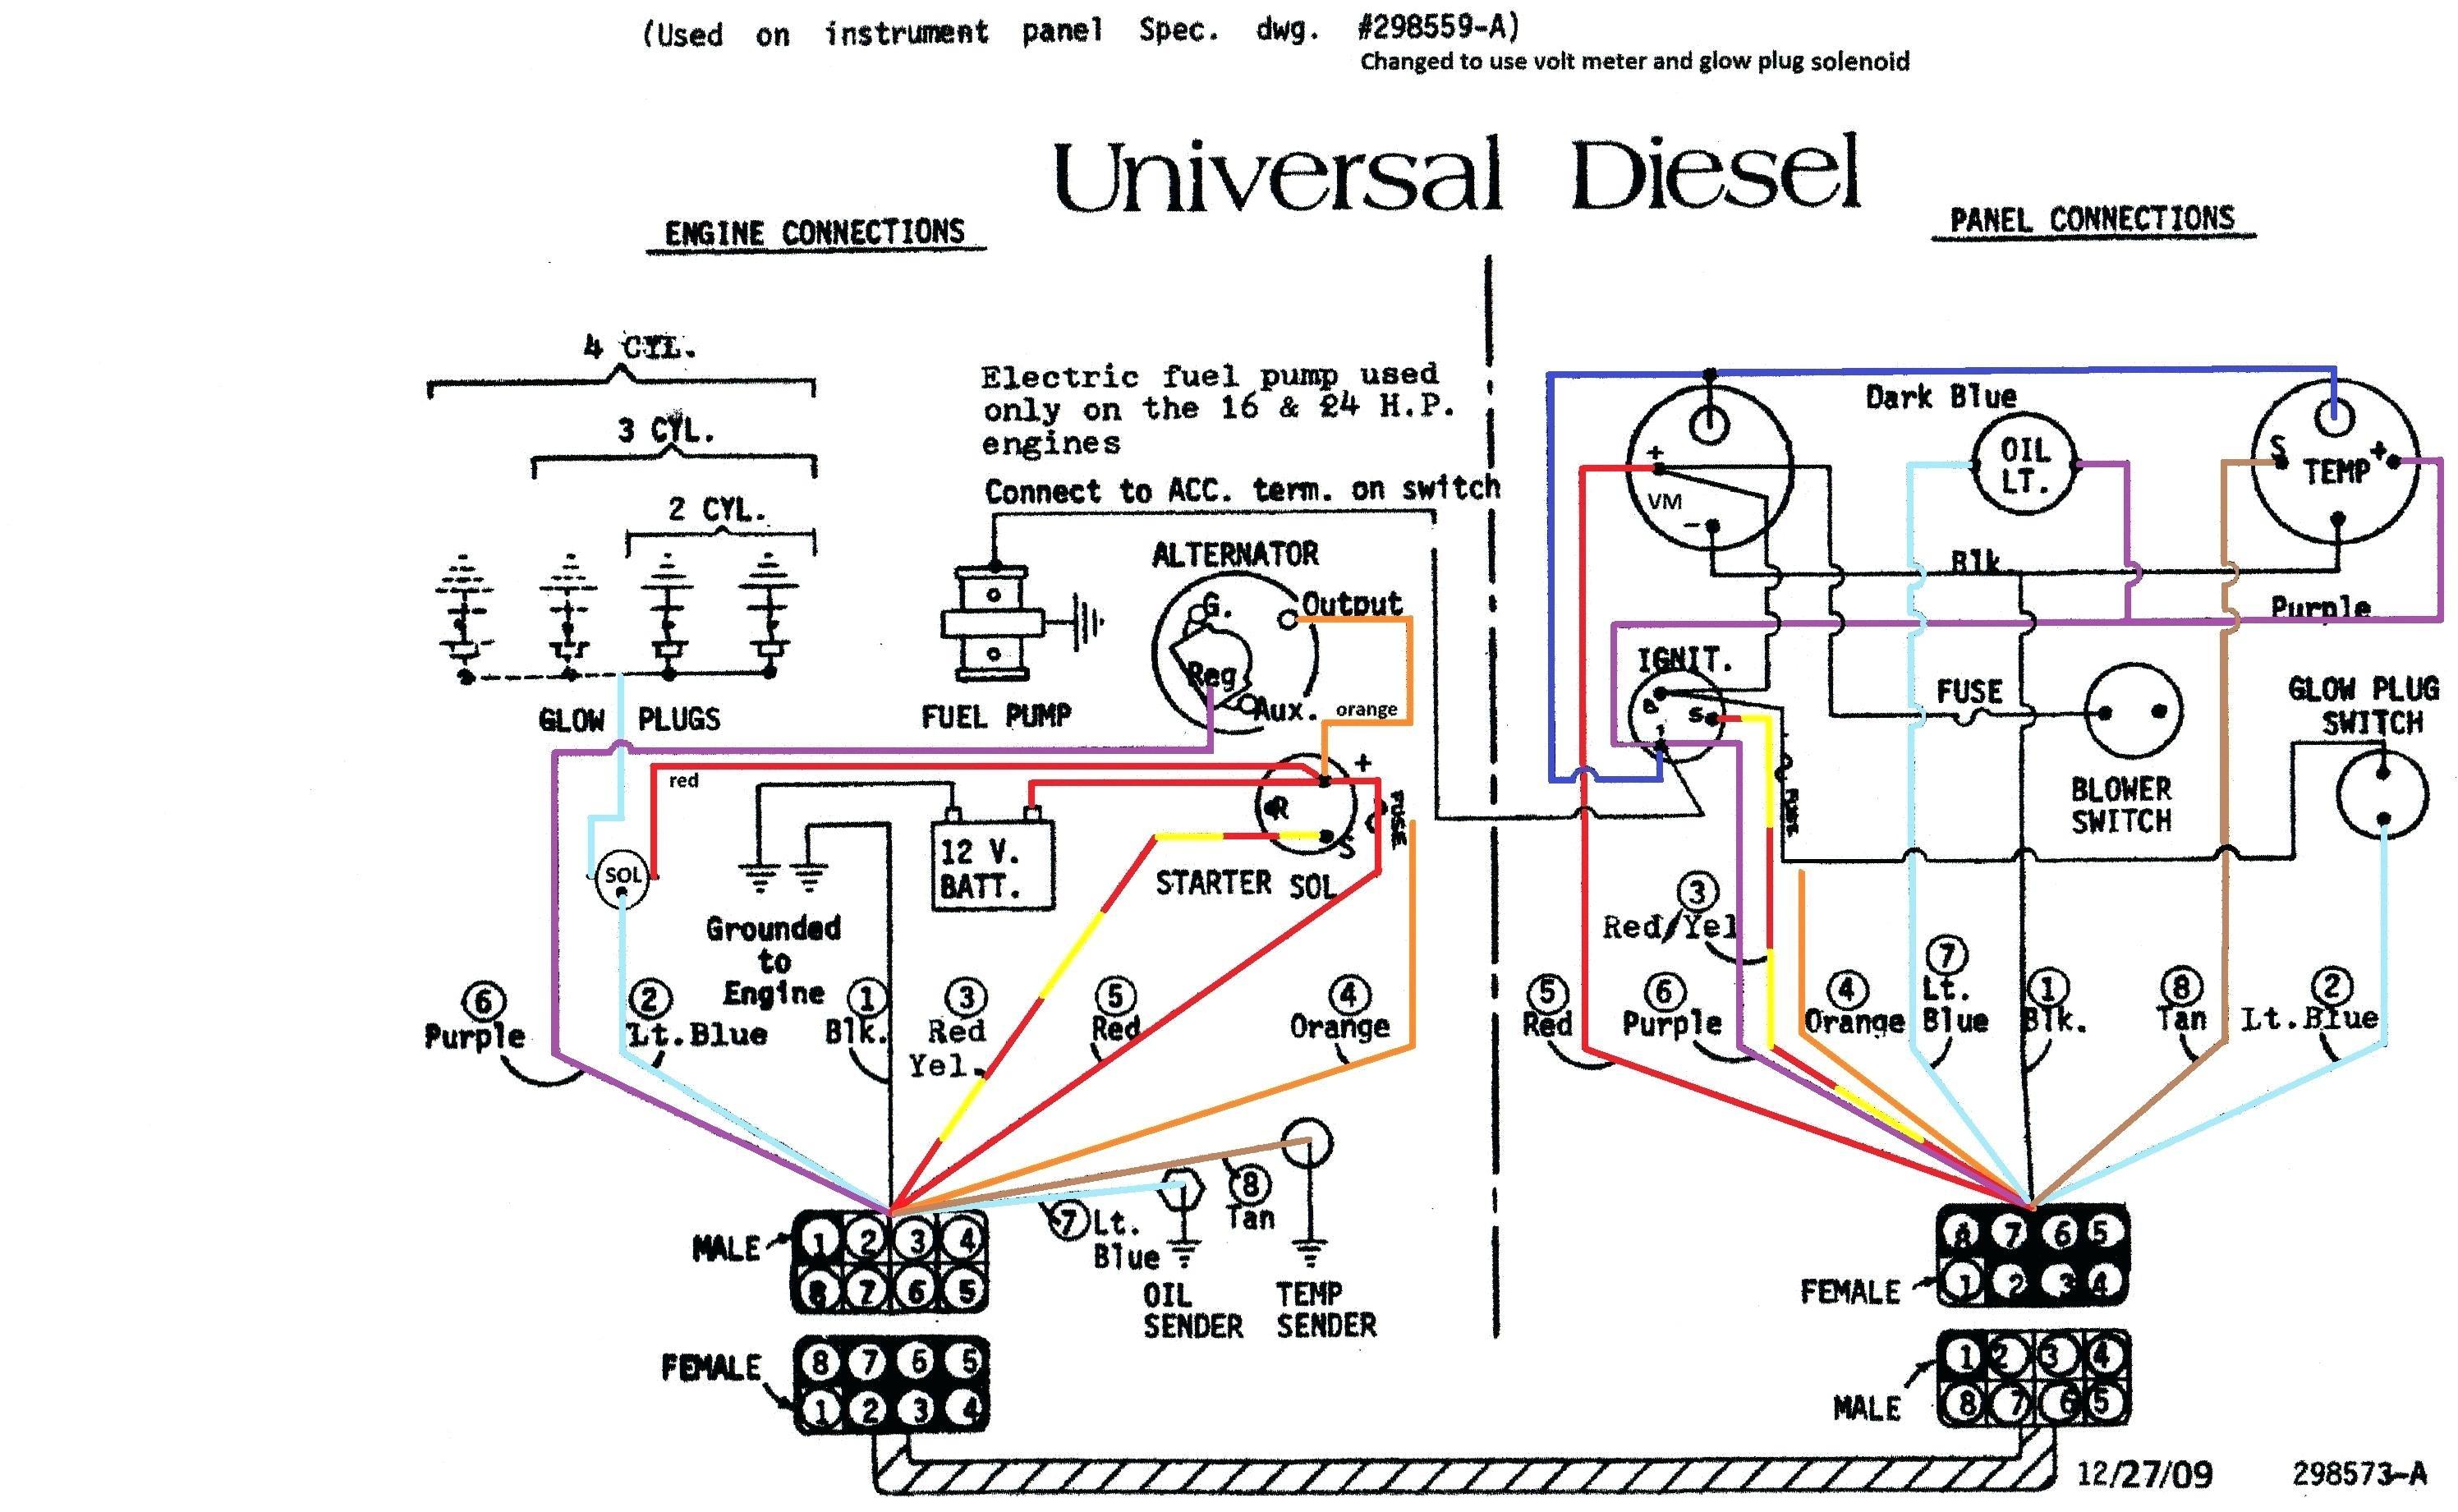 [SCHEMATICS_4UK]  ZM_3359] Ford 302 Alternator Wiring Wiring Diagram | Alternator Wiring Diagram Ford 302 |  | Apan Alypt Atota Mepta Mohammedshrine Librar Wiring 101